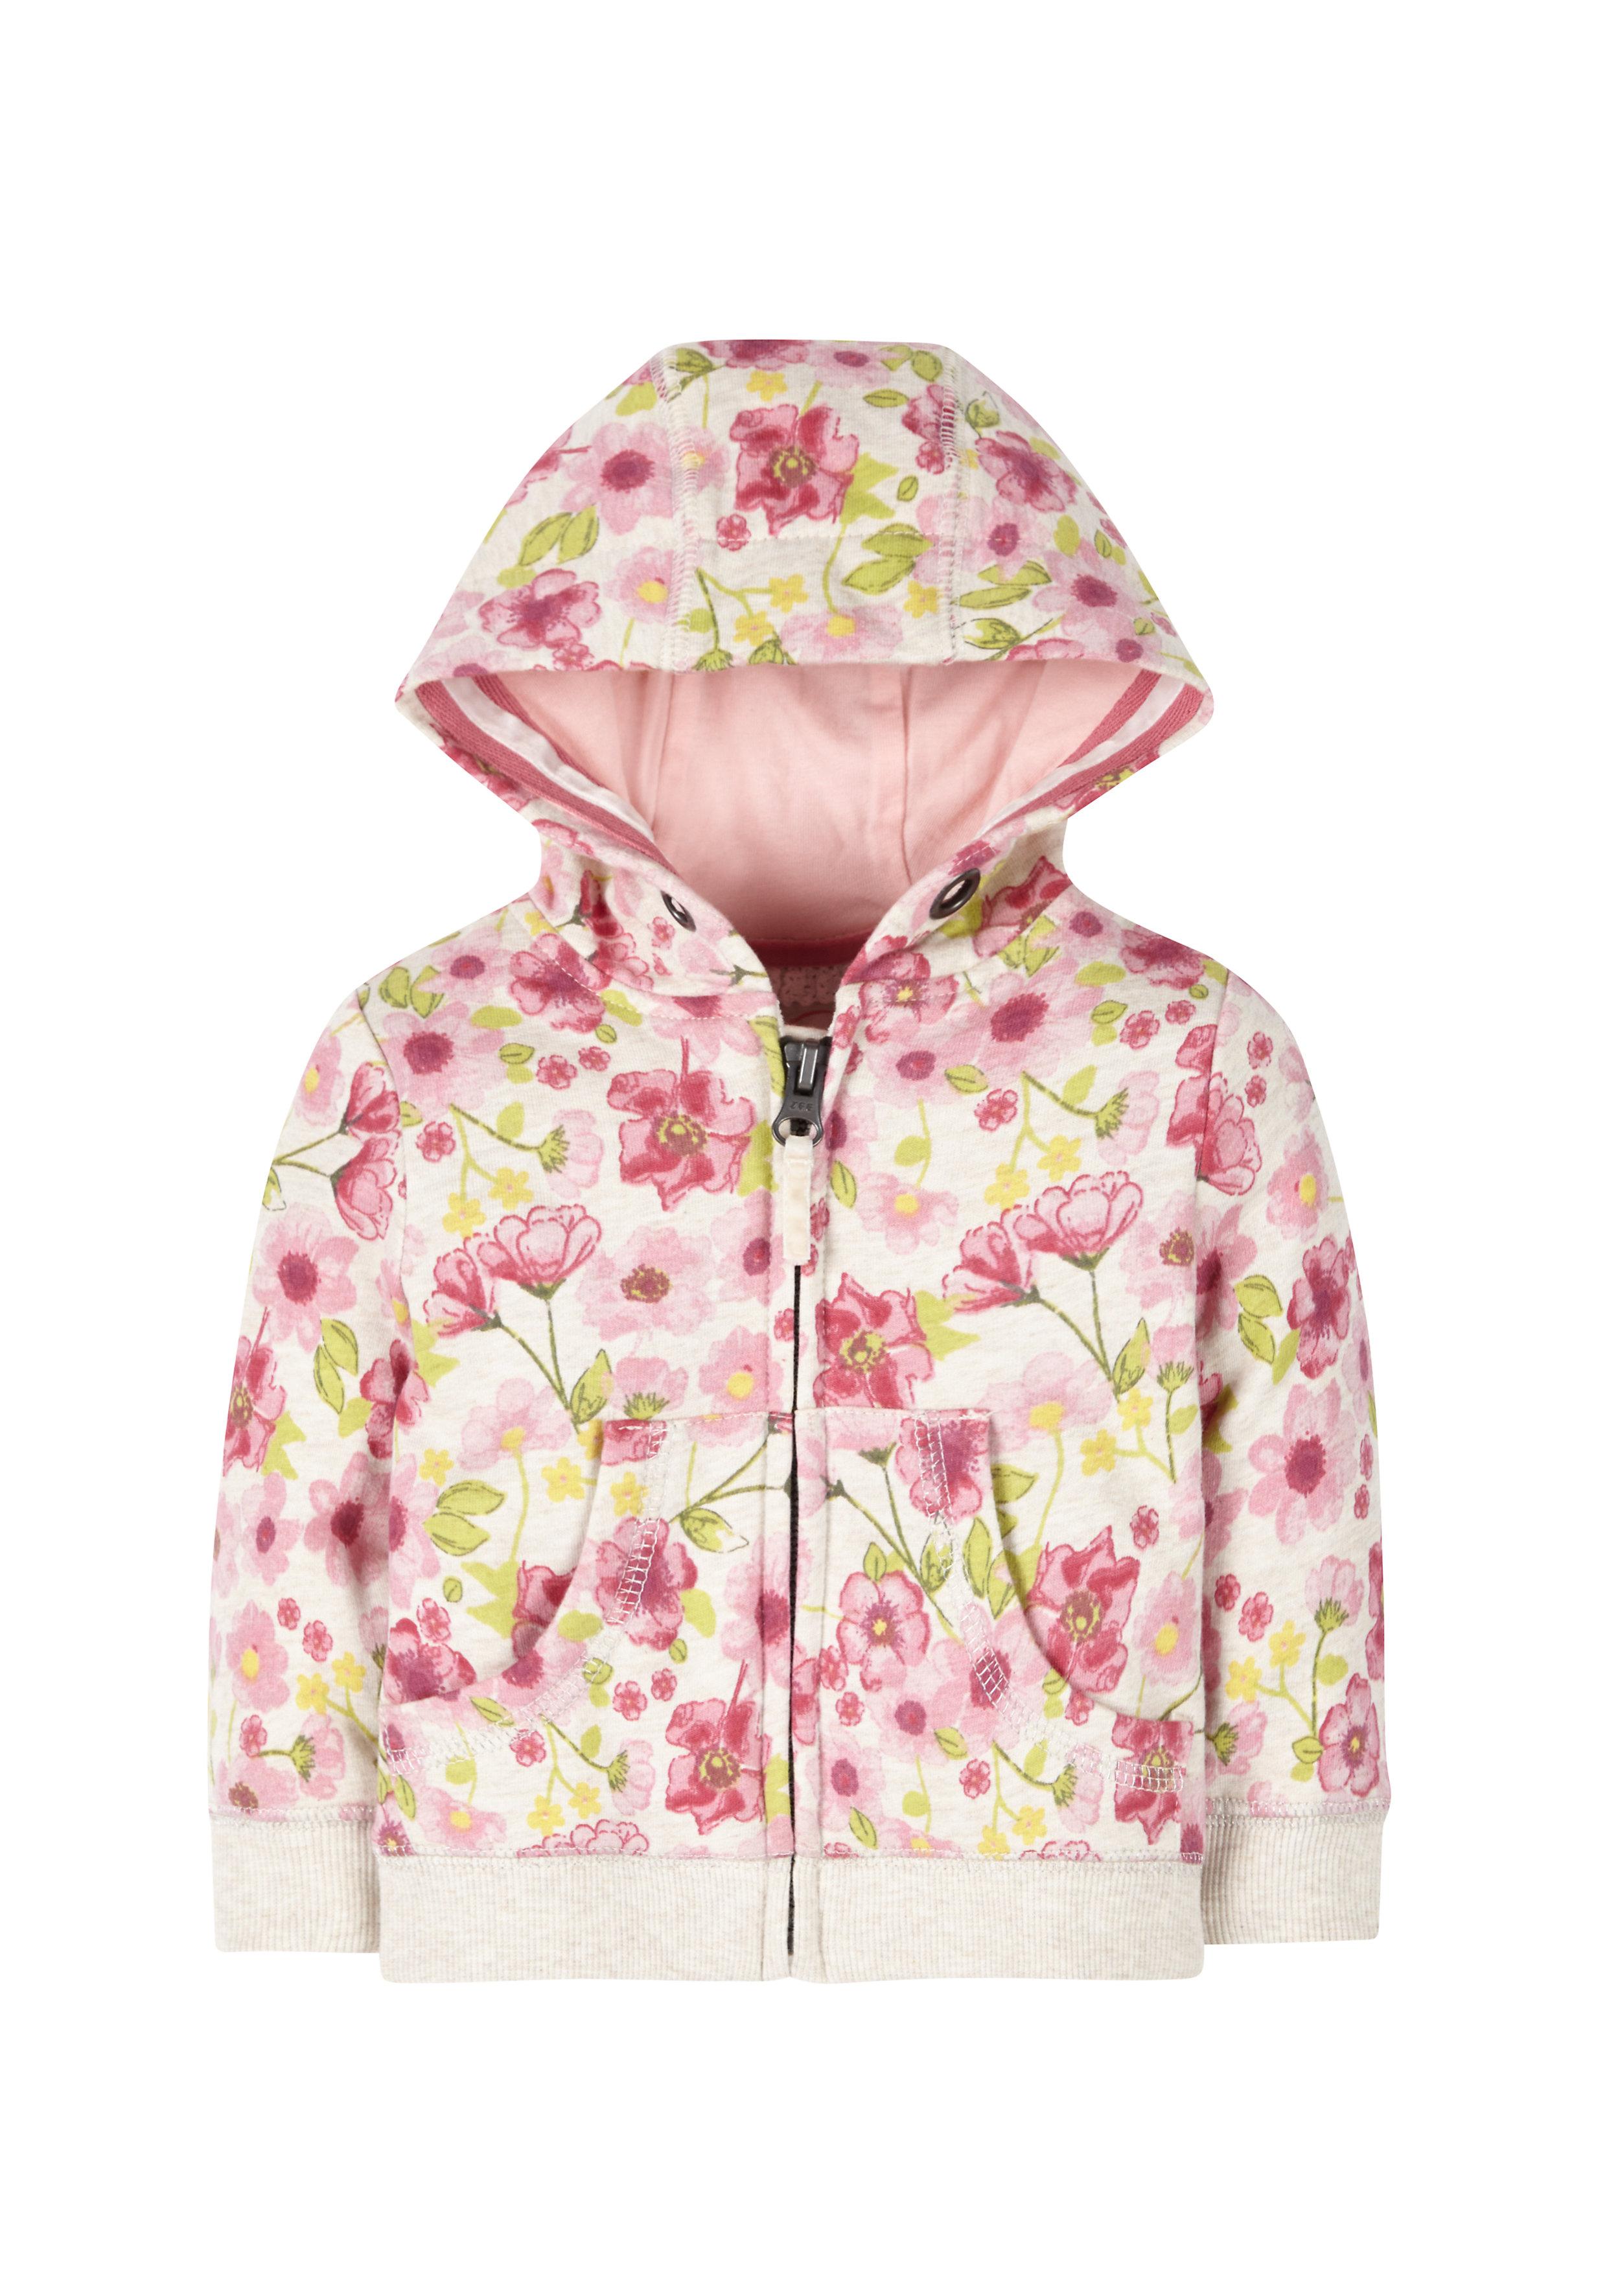 Mothercare | Girls Full Sleeves Hooded Sweatshirt Floral Print - Pink